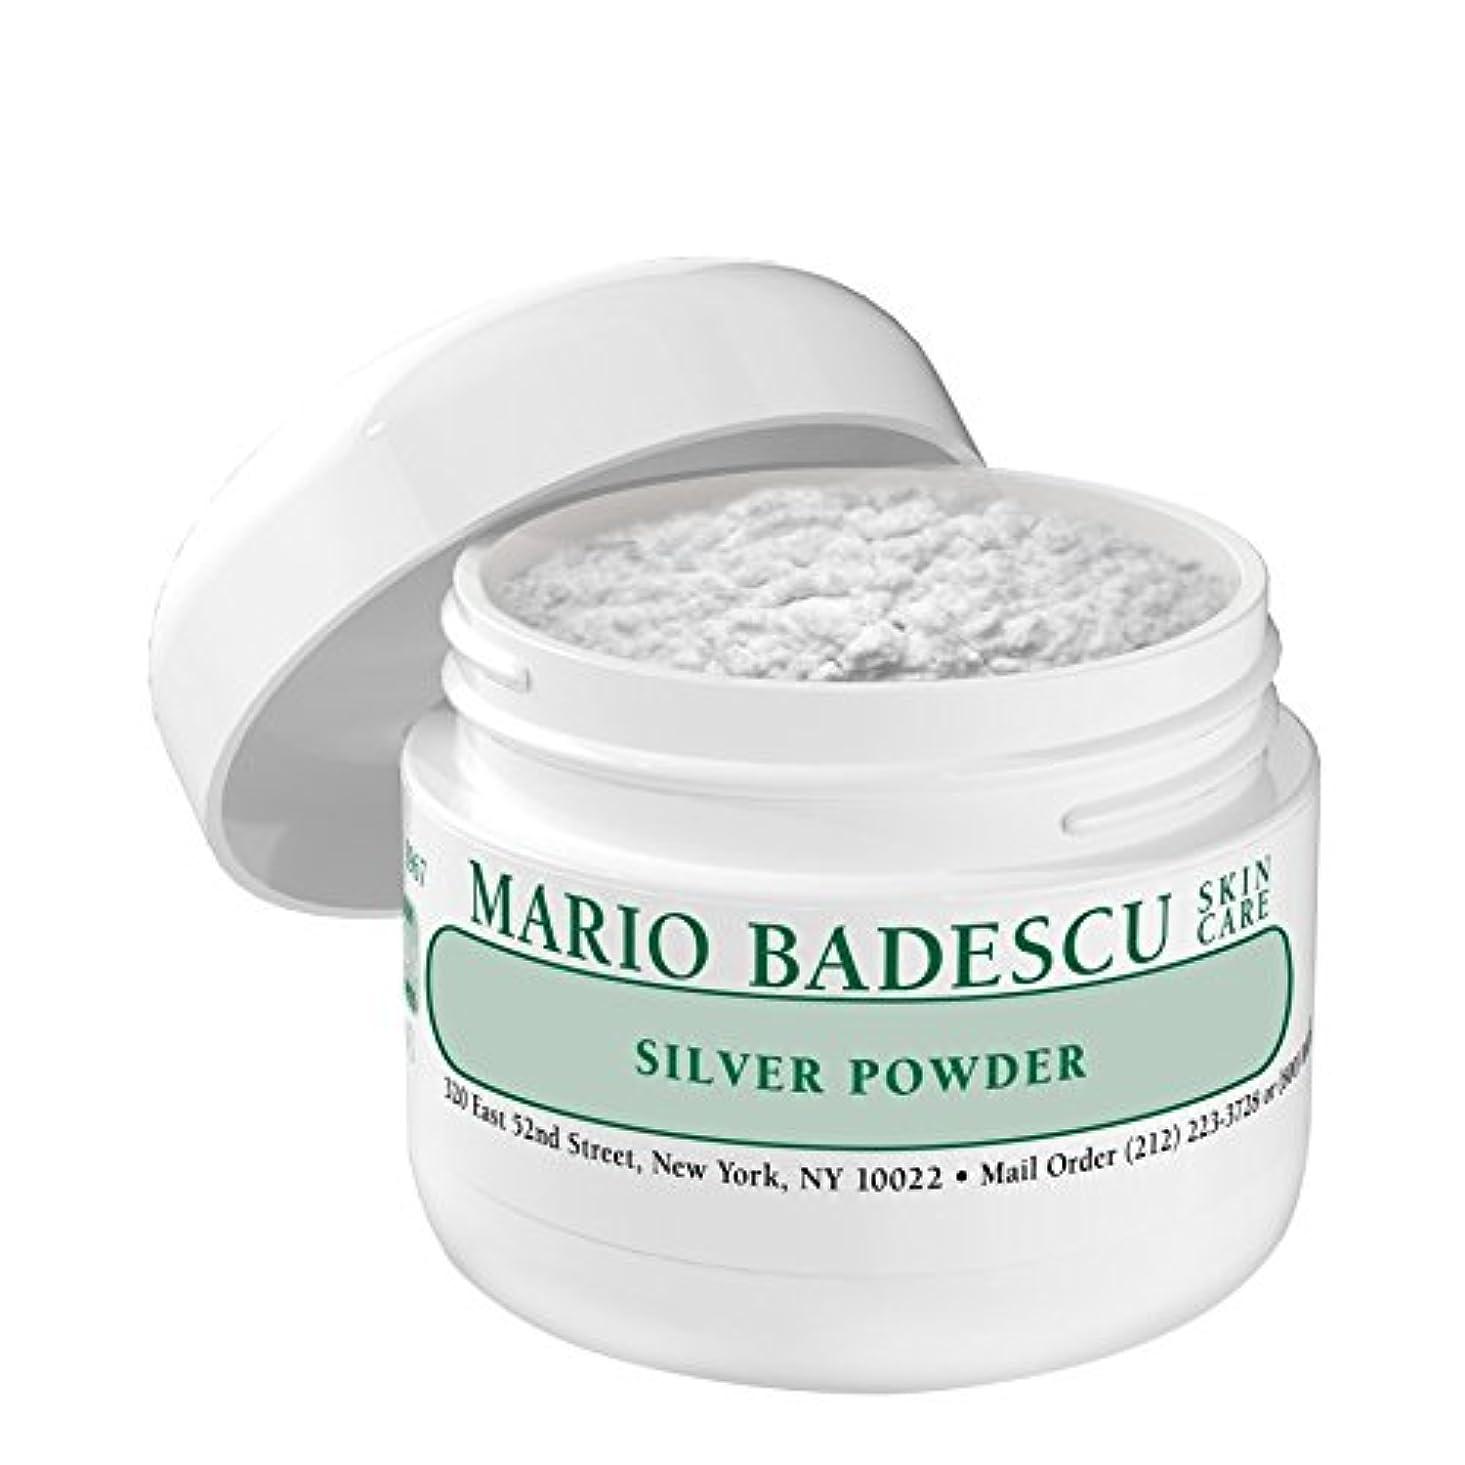 絶え間ない自分の力ですべてをする米ドルマリオ?バデスキュー銀粉末 x2 - Mario Badescu Silver Powder (Pack of 2) [並行輸入品]